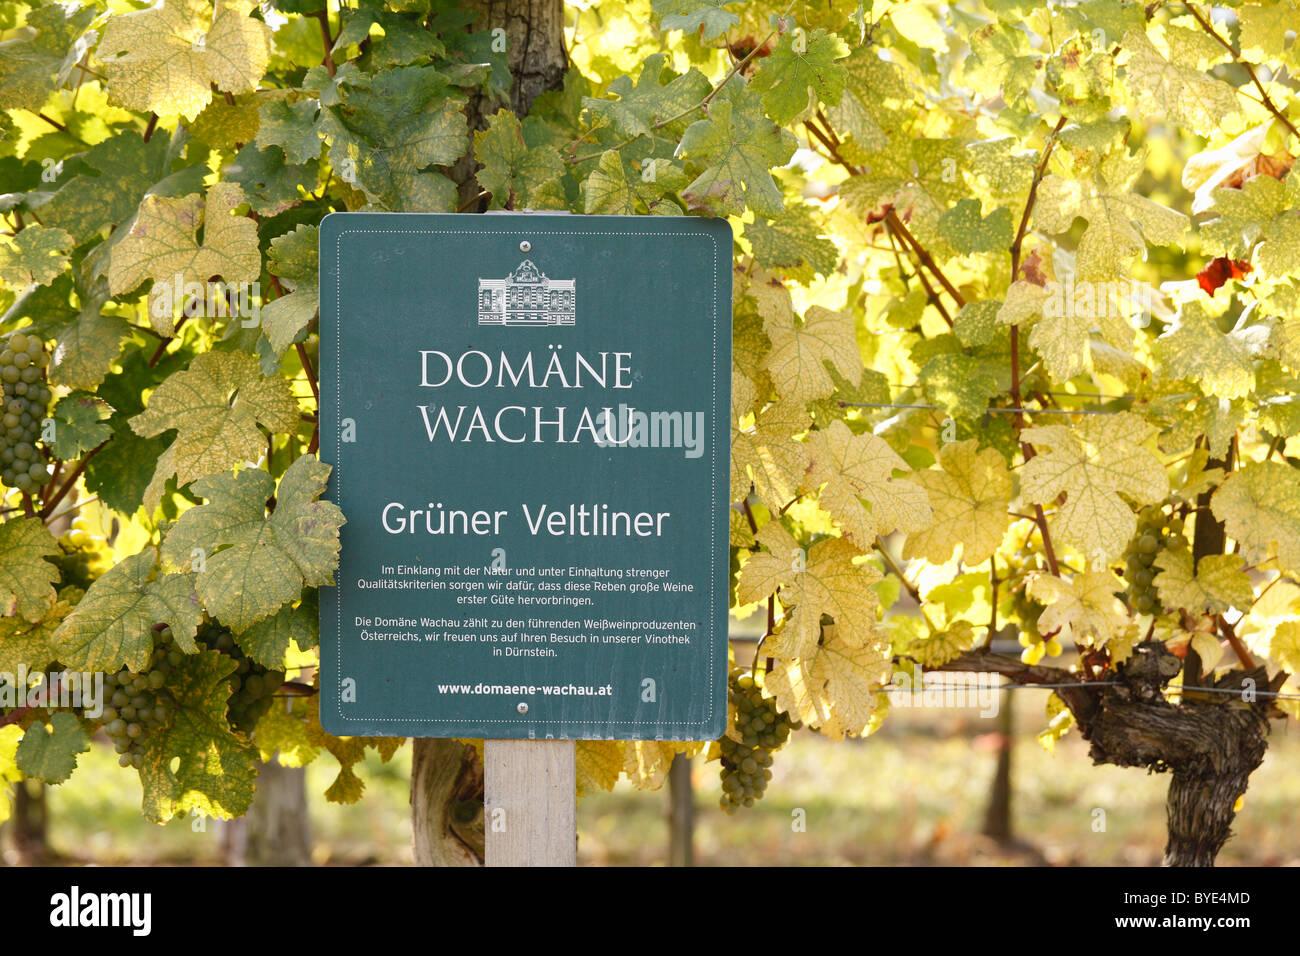 Zeichen, Domäne Wachau Grüner Veltliner Trauben im Weinberg, Wachau, Waldviertel, Niederösterreich, Stockbild